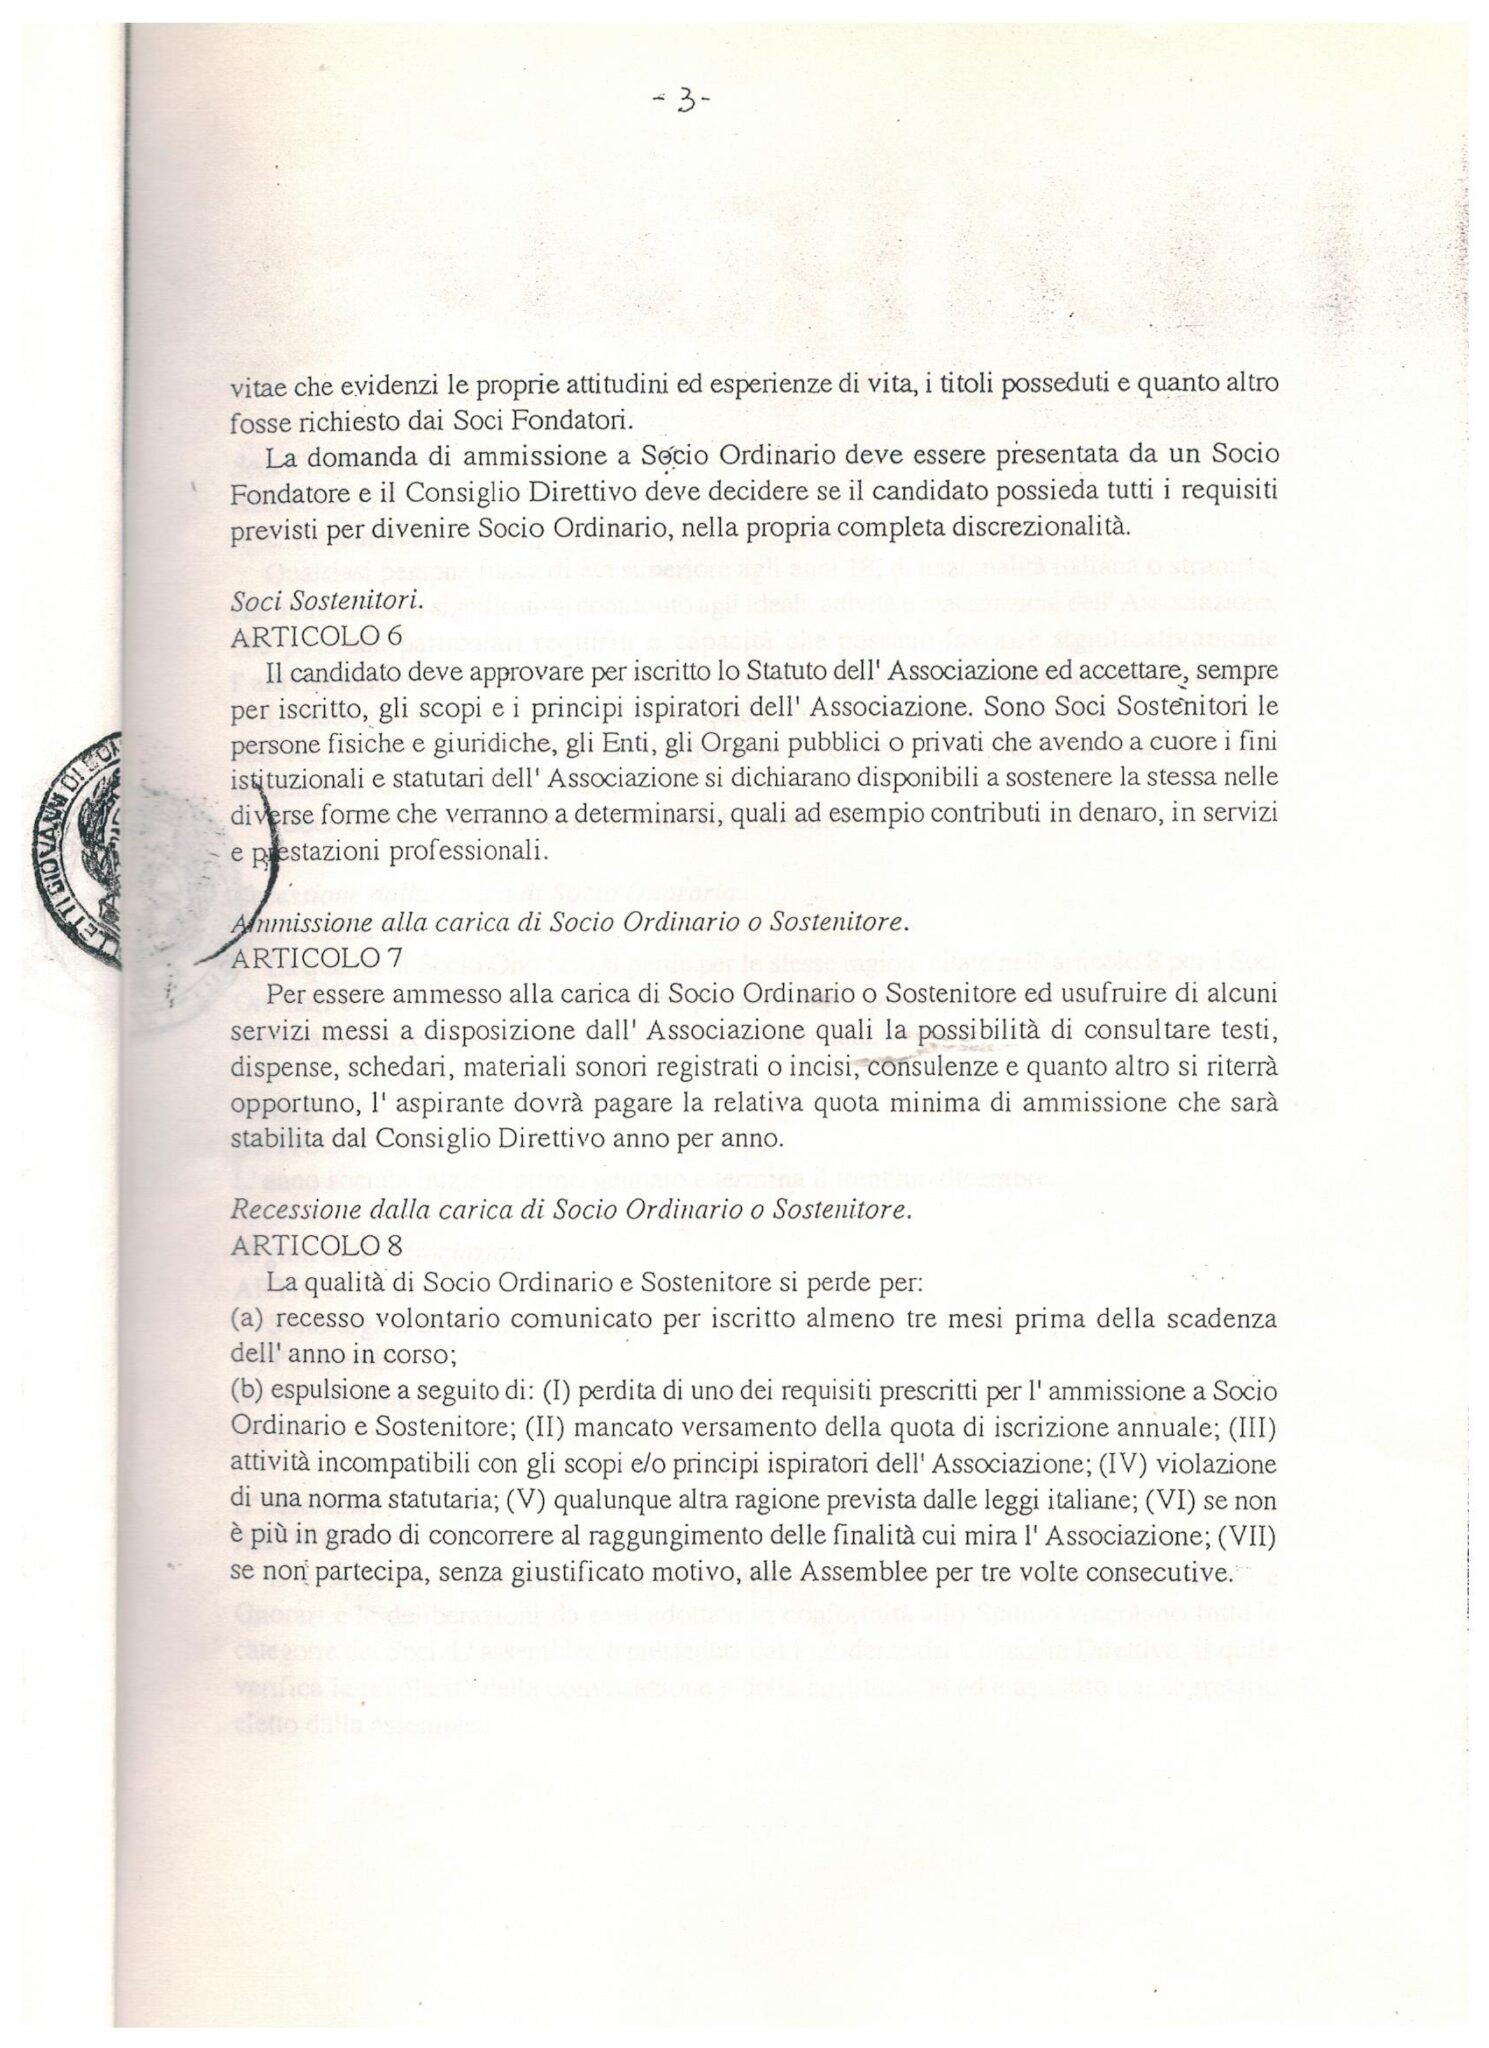 STATUTO 7